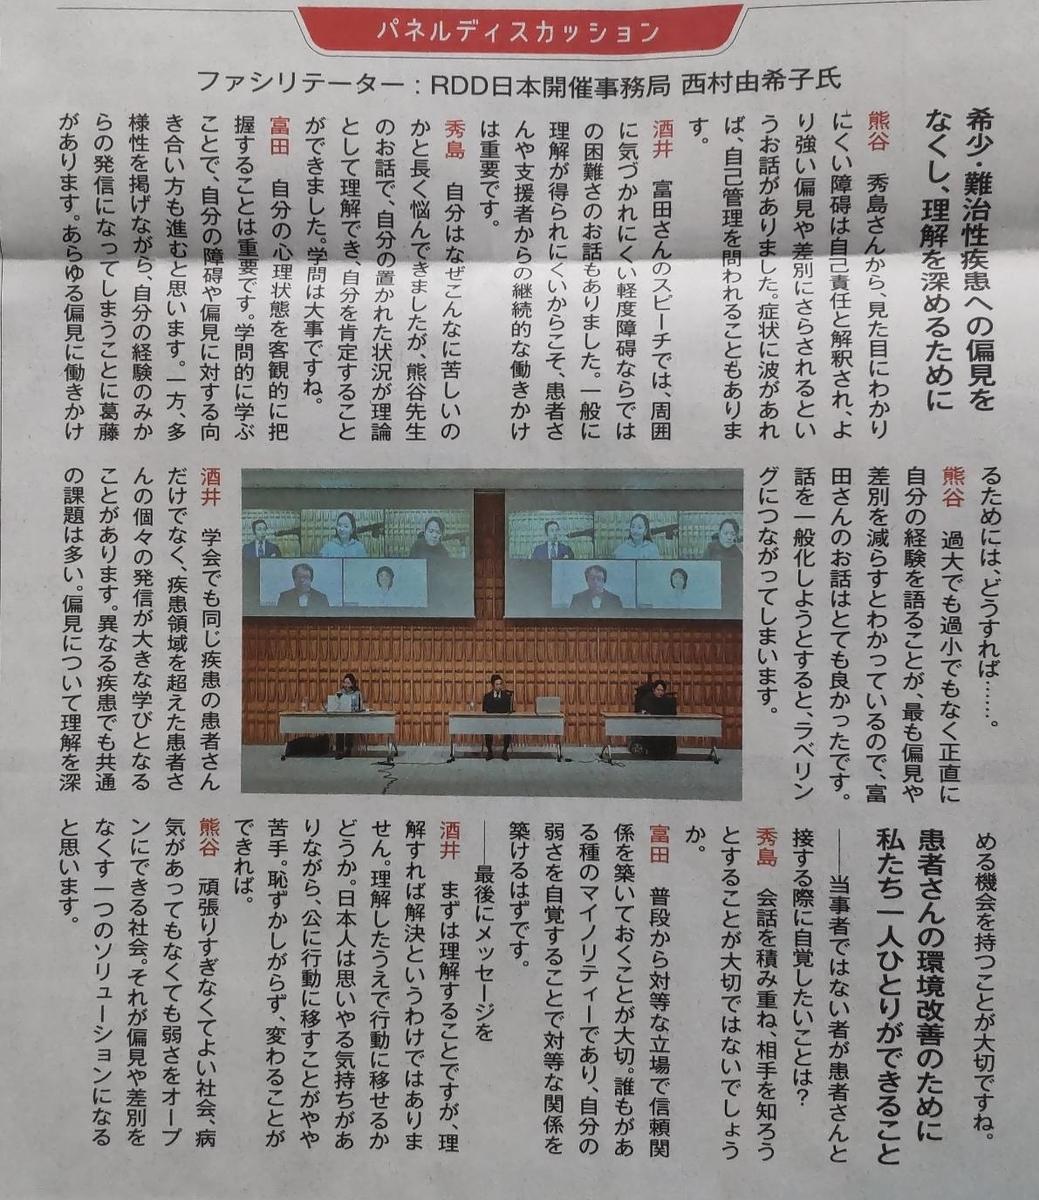 f:id:kazura-kobayashi:20210421172855j:plain